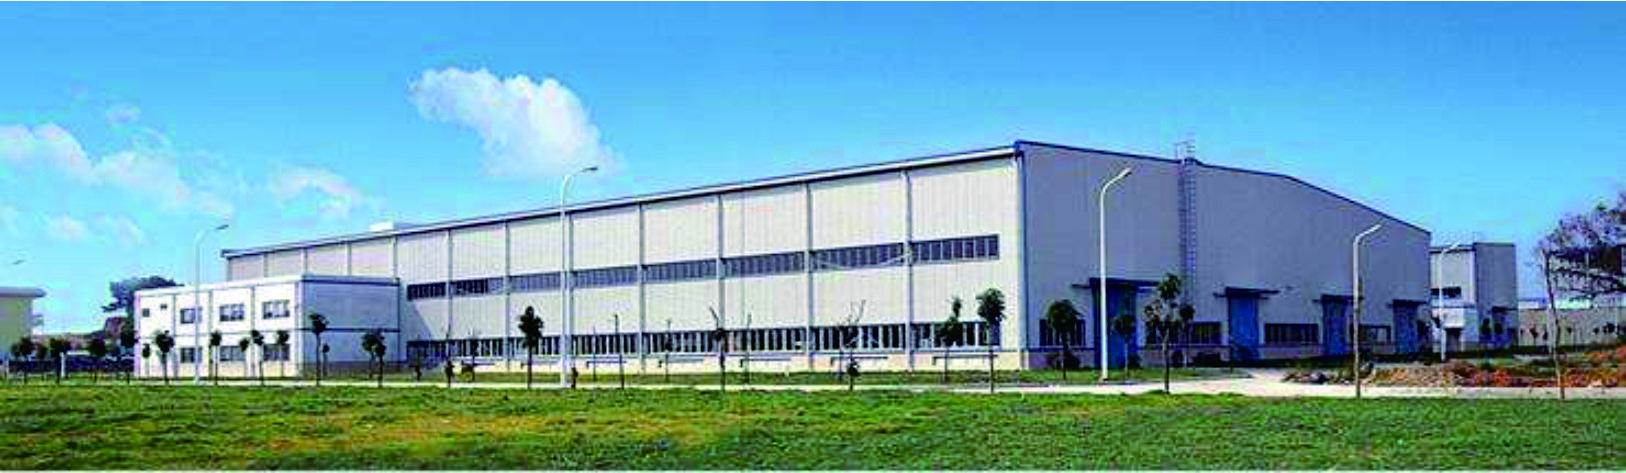 汾兰商贸饮品包装钢结构厂房一期、二期项目